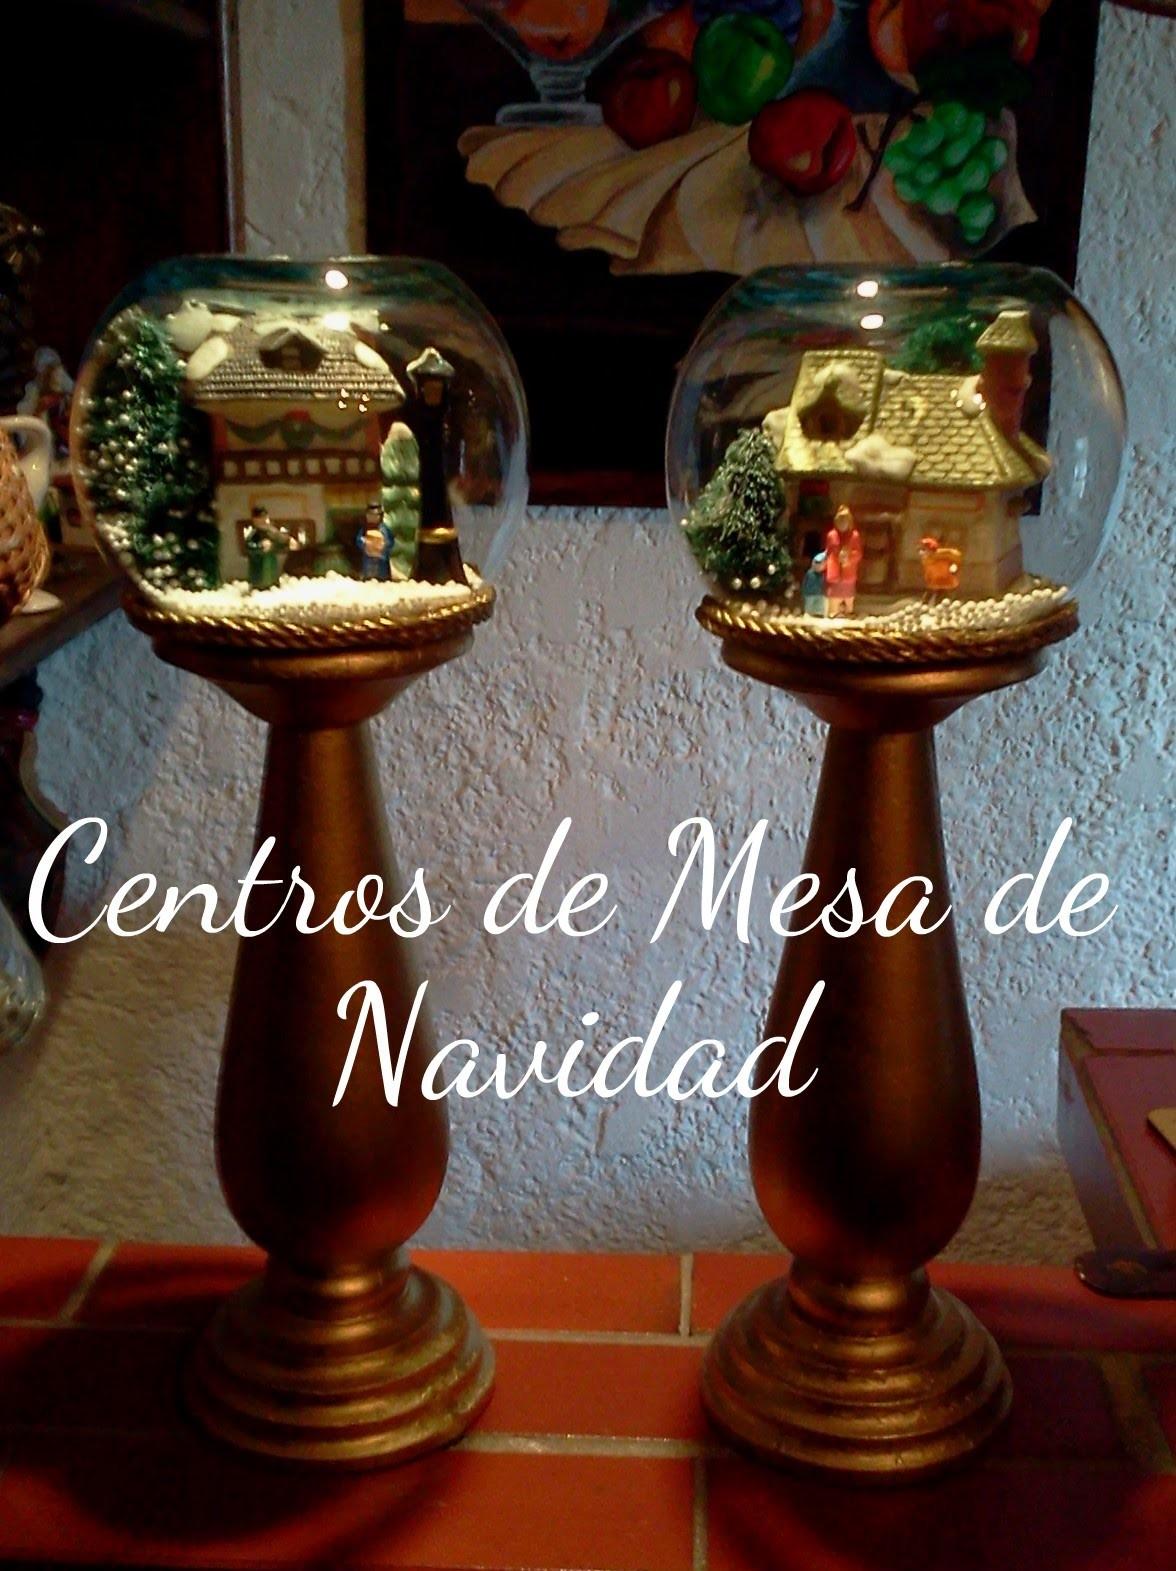 Adornos navideos faciles para realizar centros de mesas de navidad